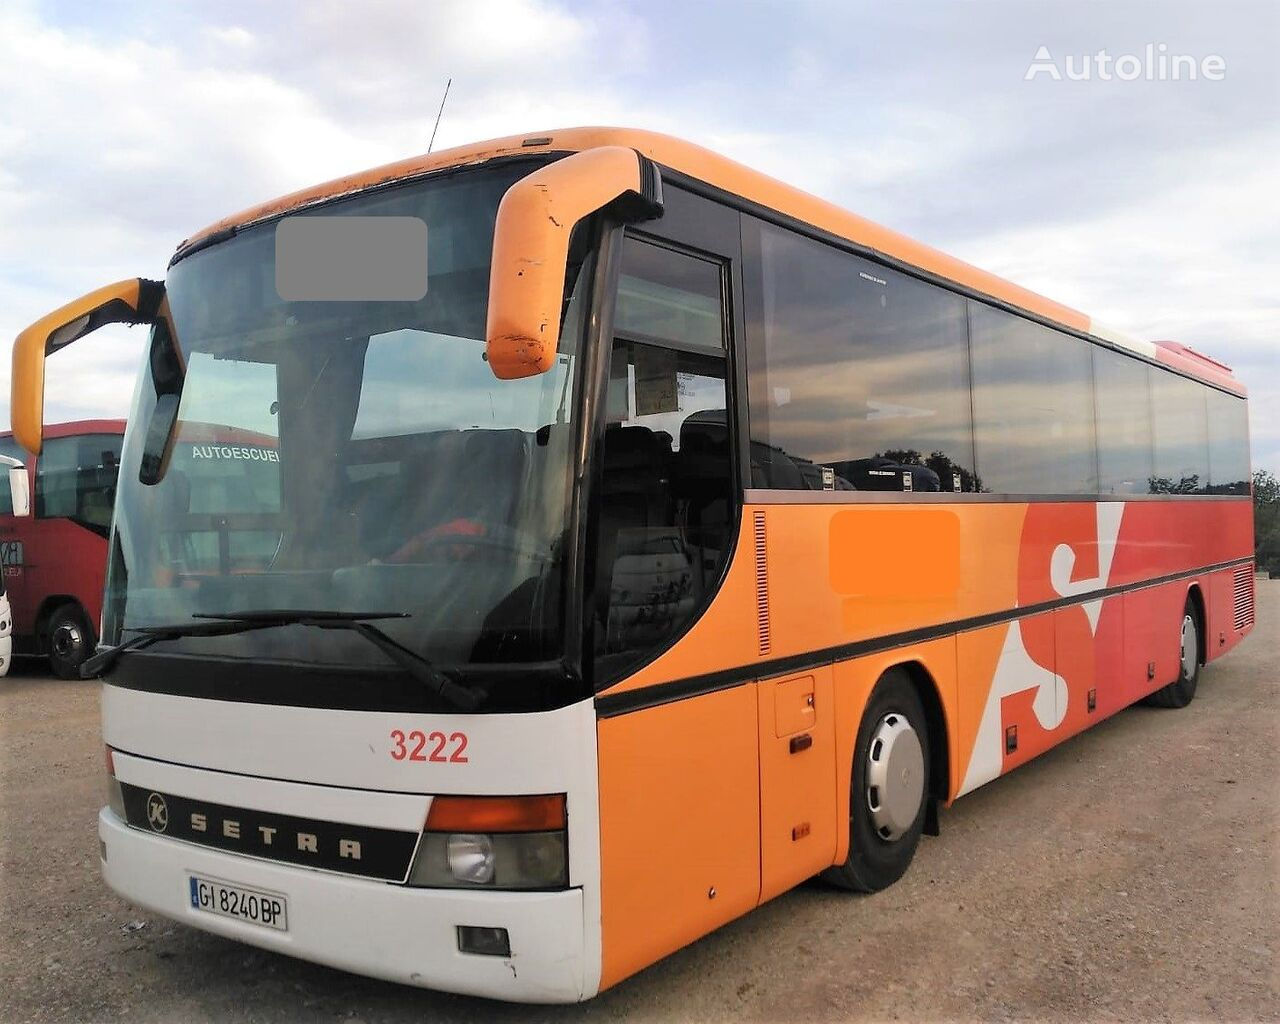 SETRA S315 GT  8 CILINDROS MOTOR MERCEDES+8CILI+380CV turistički autobus